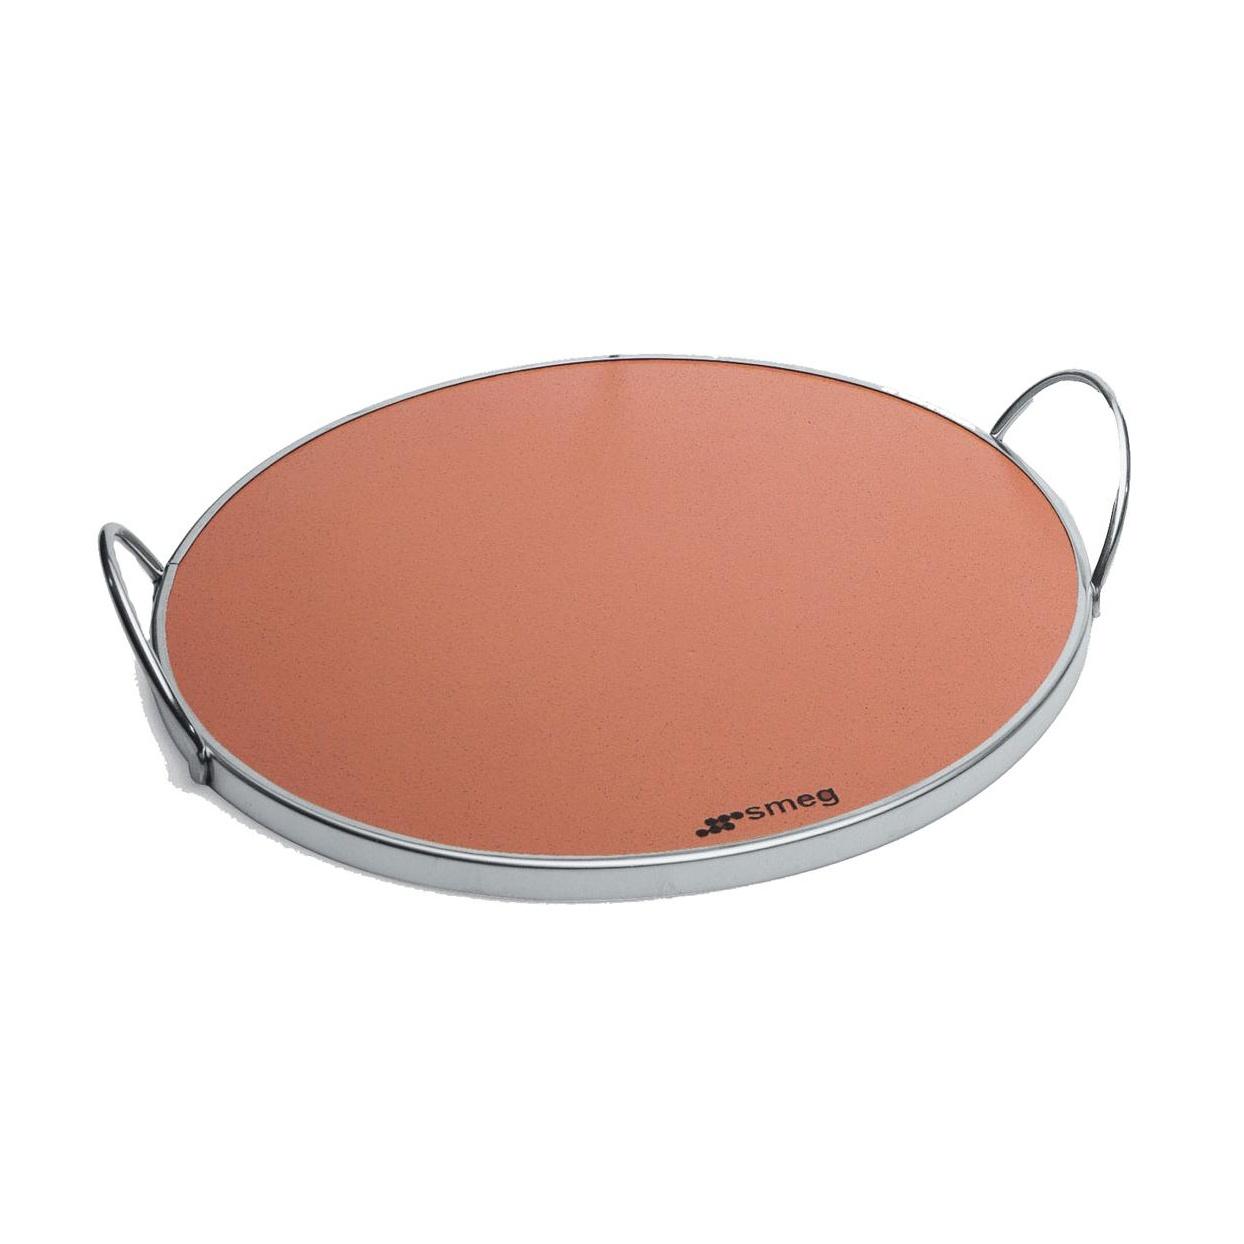 Smeg - Pizzastein Ø 35cm - braun/lasiert/2 Griffe/Metalleinfassung verchromt   Küche und Esszimmer > Kochen und Backen > Küchenhelfer   Smeg